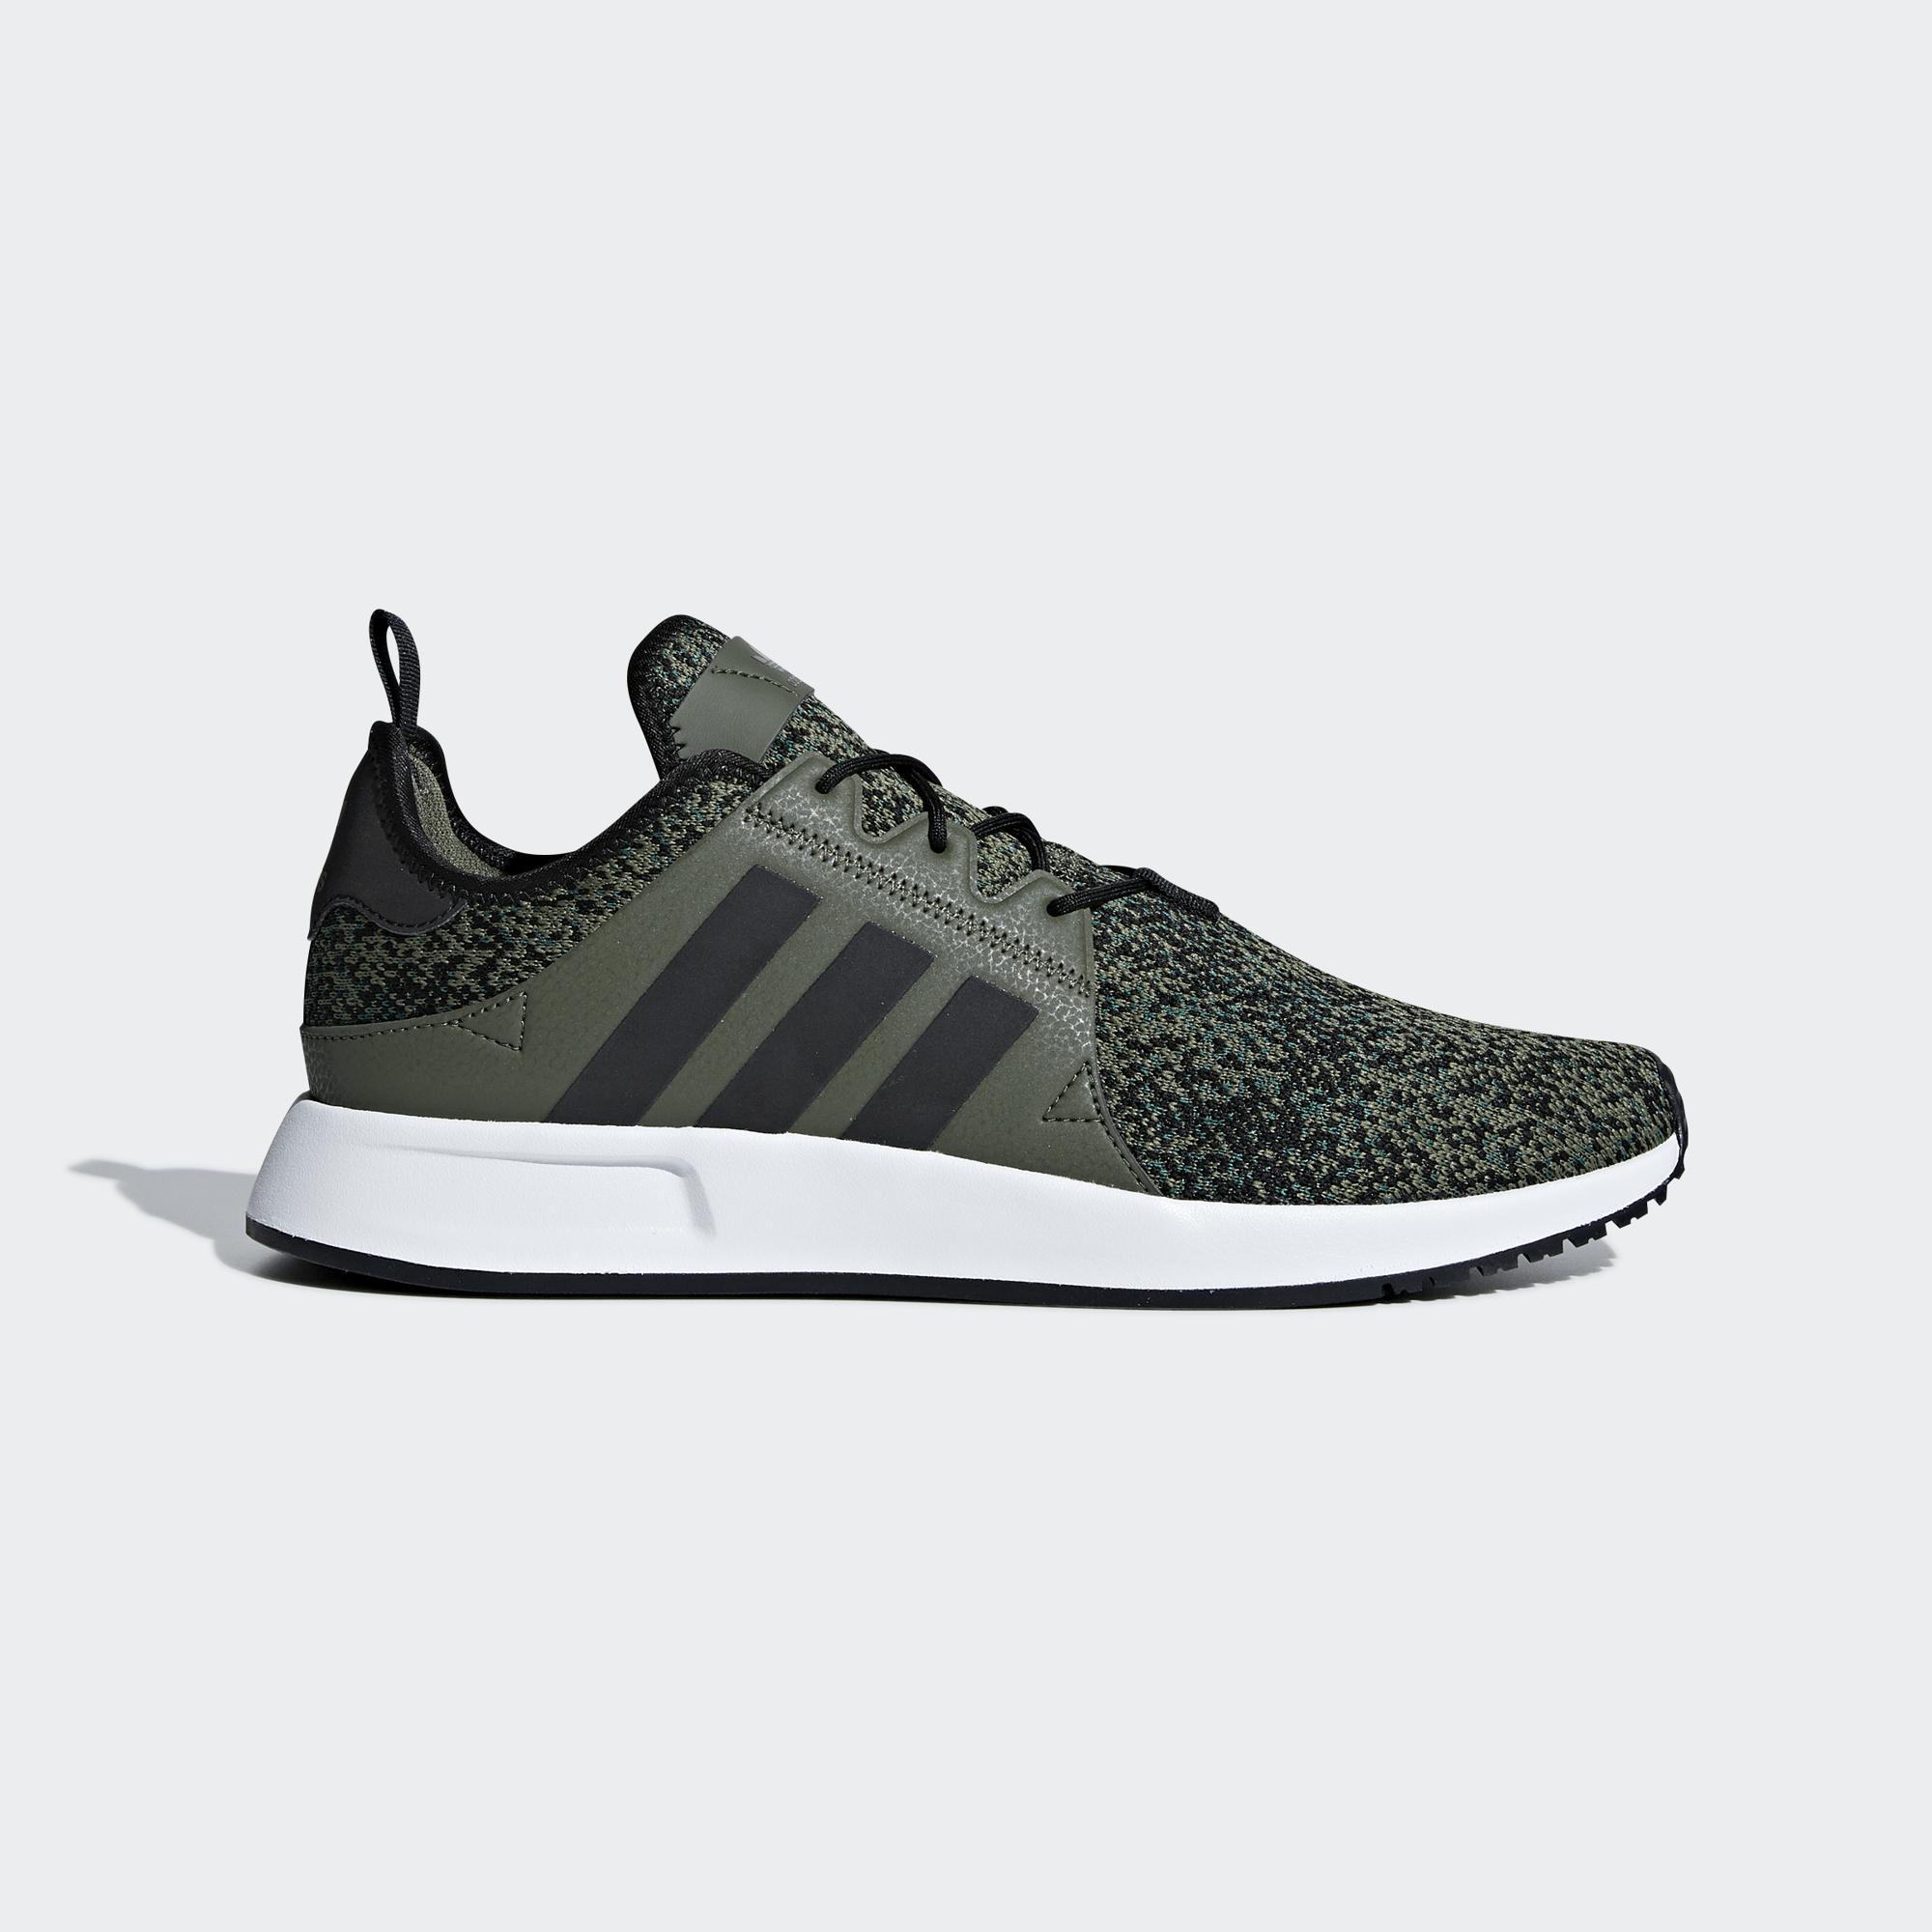 28e685f024e Adidas Originals Shoes X plr Base Green core Black ftwr White ...